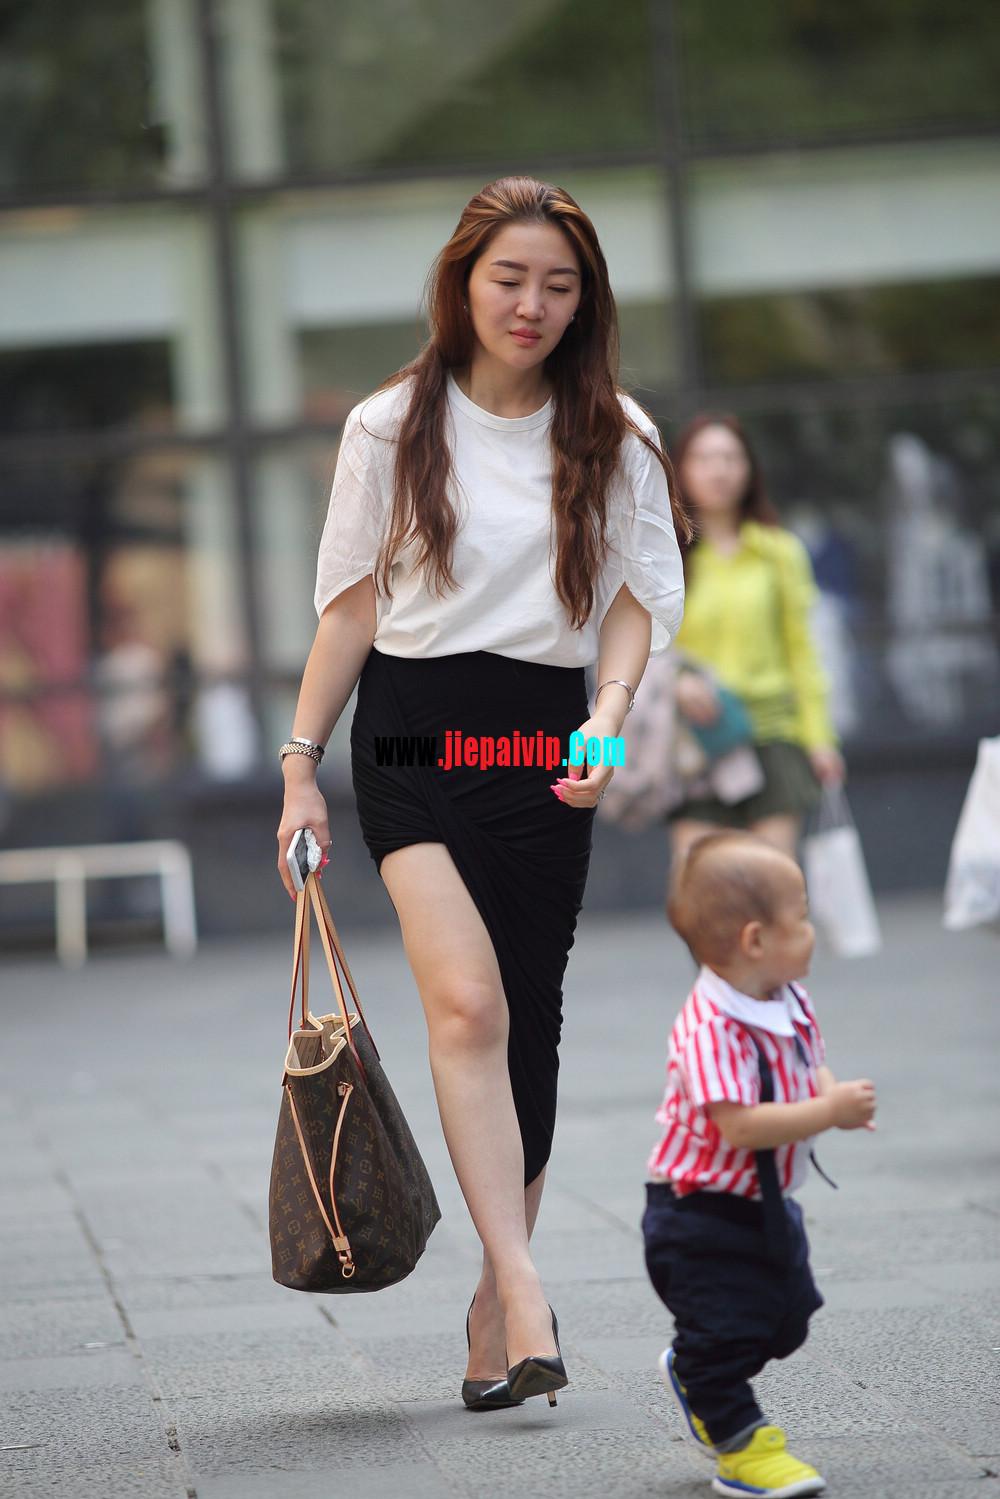 生了小孩的少妇最有魅力,美臀黑裙美腿高跟少妇1